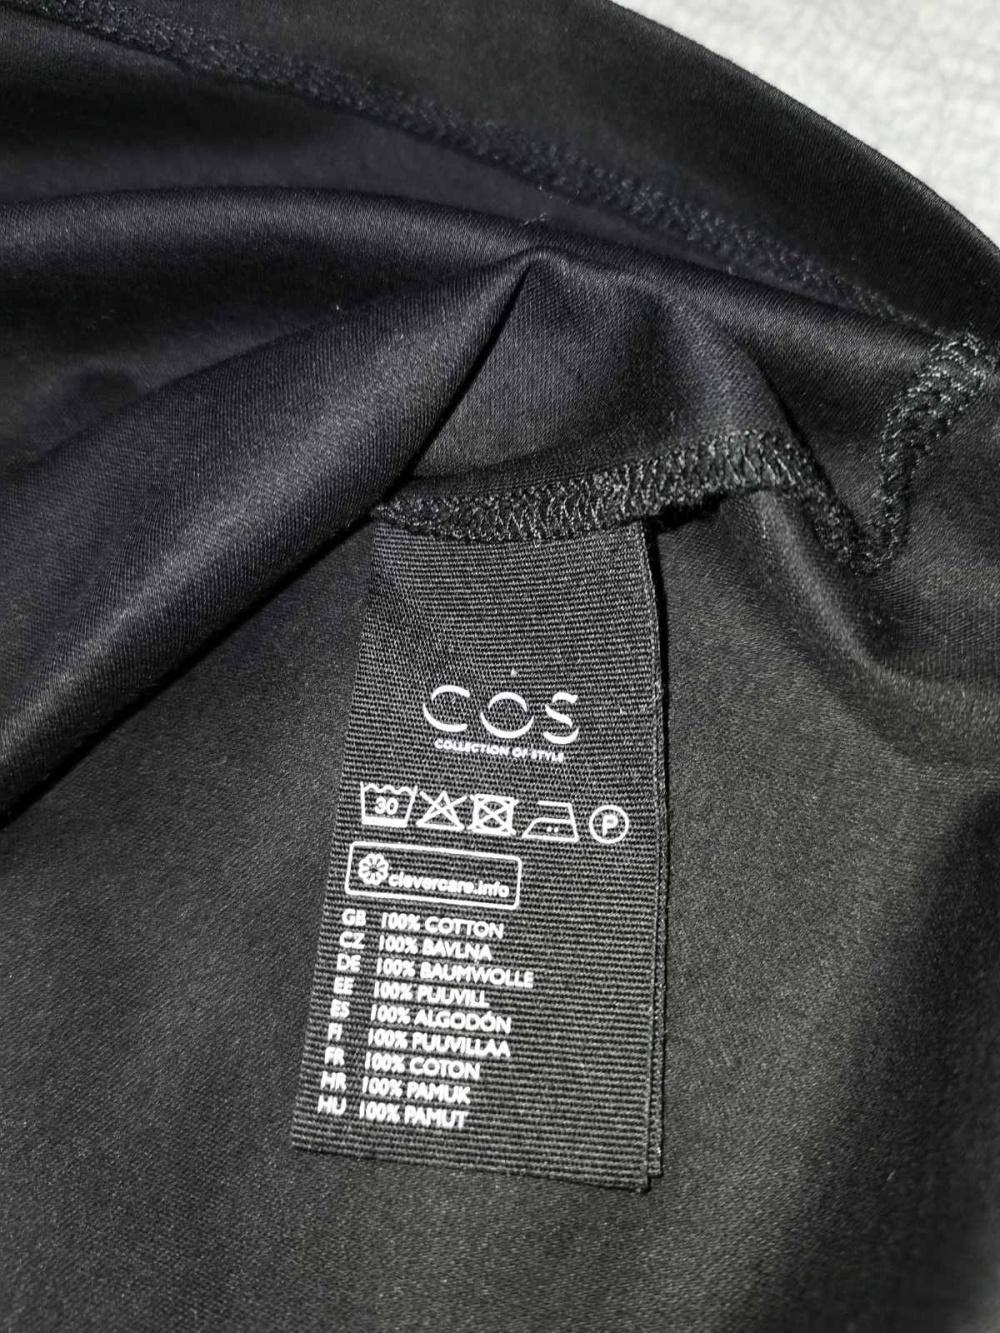 Футболка COS, размер S/L